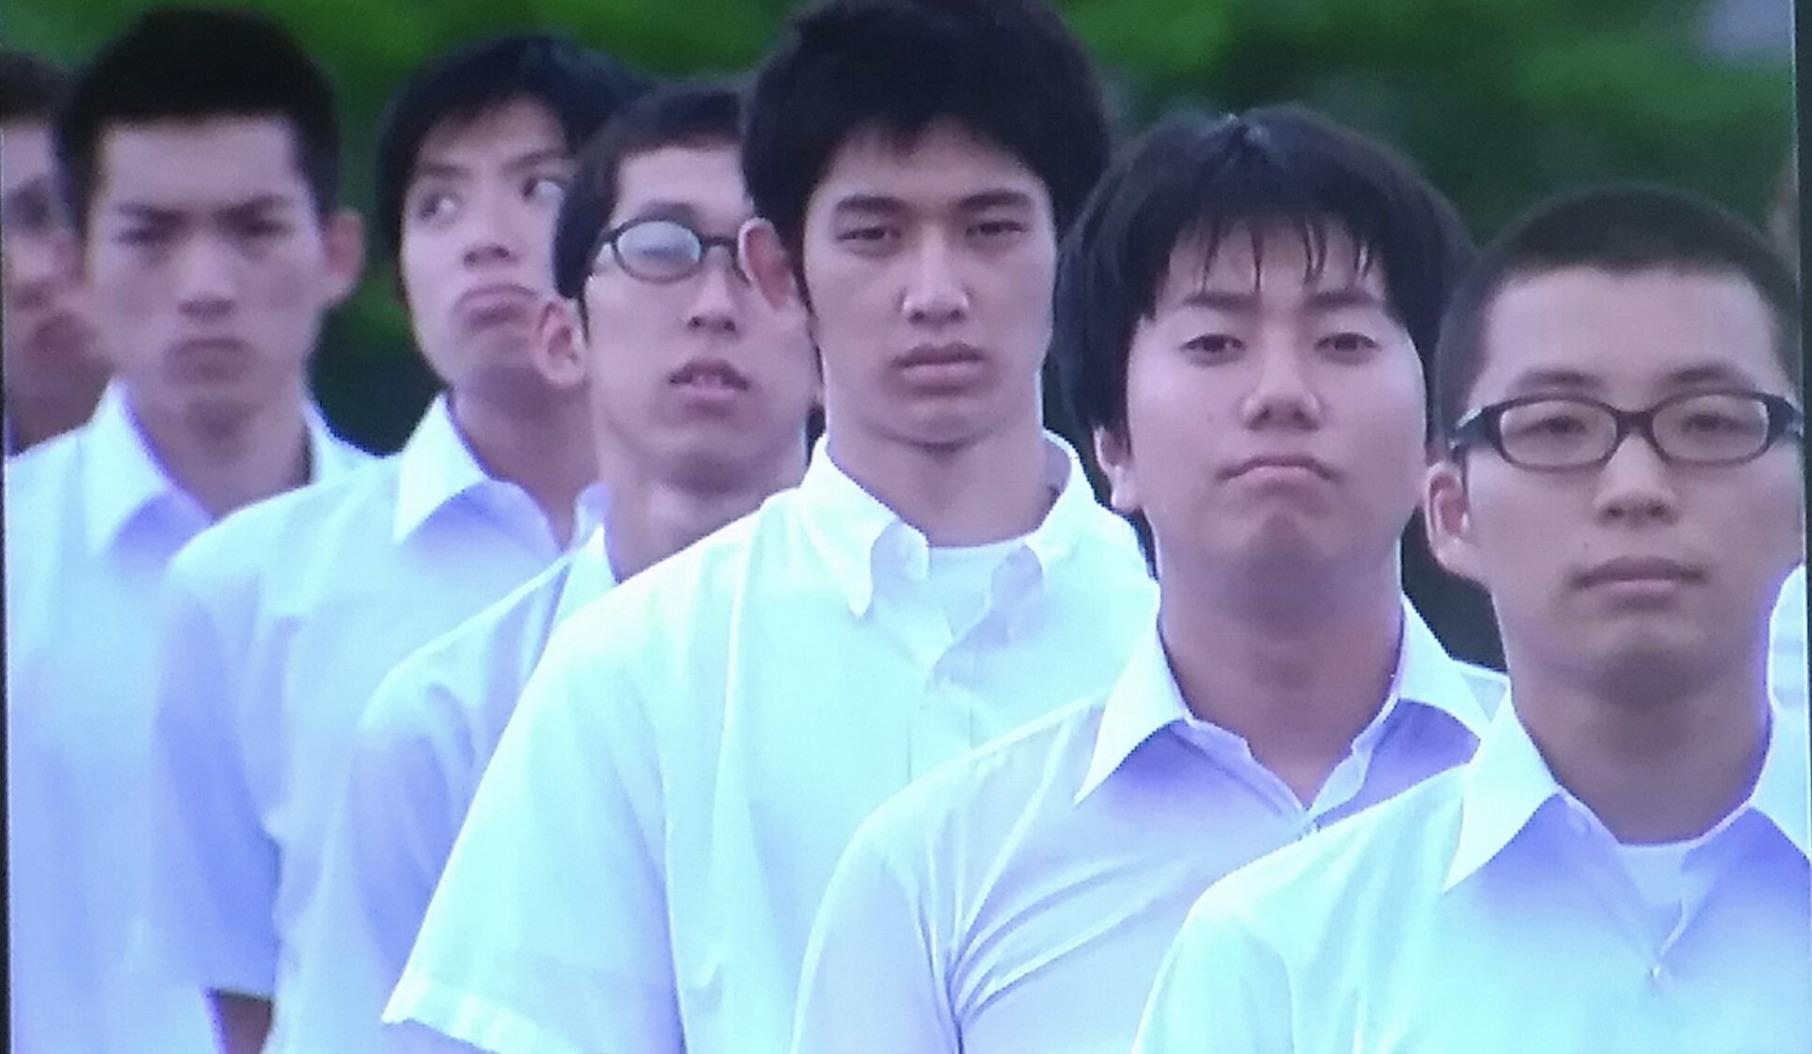 ドラマ『WATER BOYS』の画像